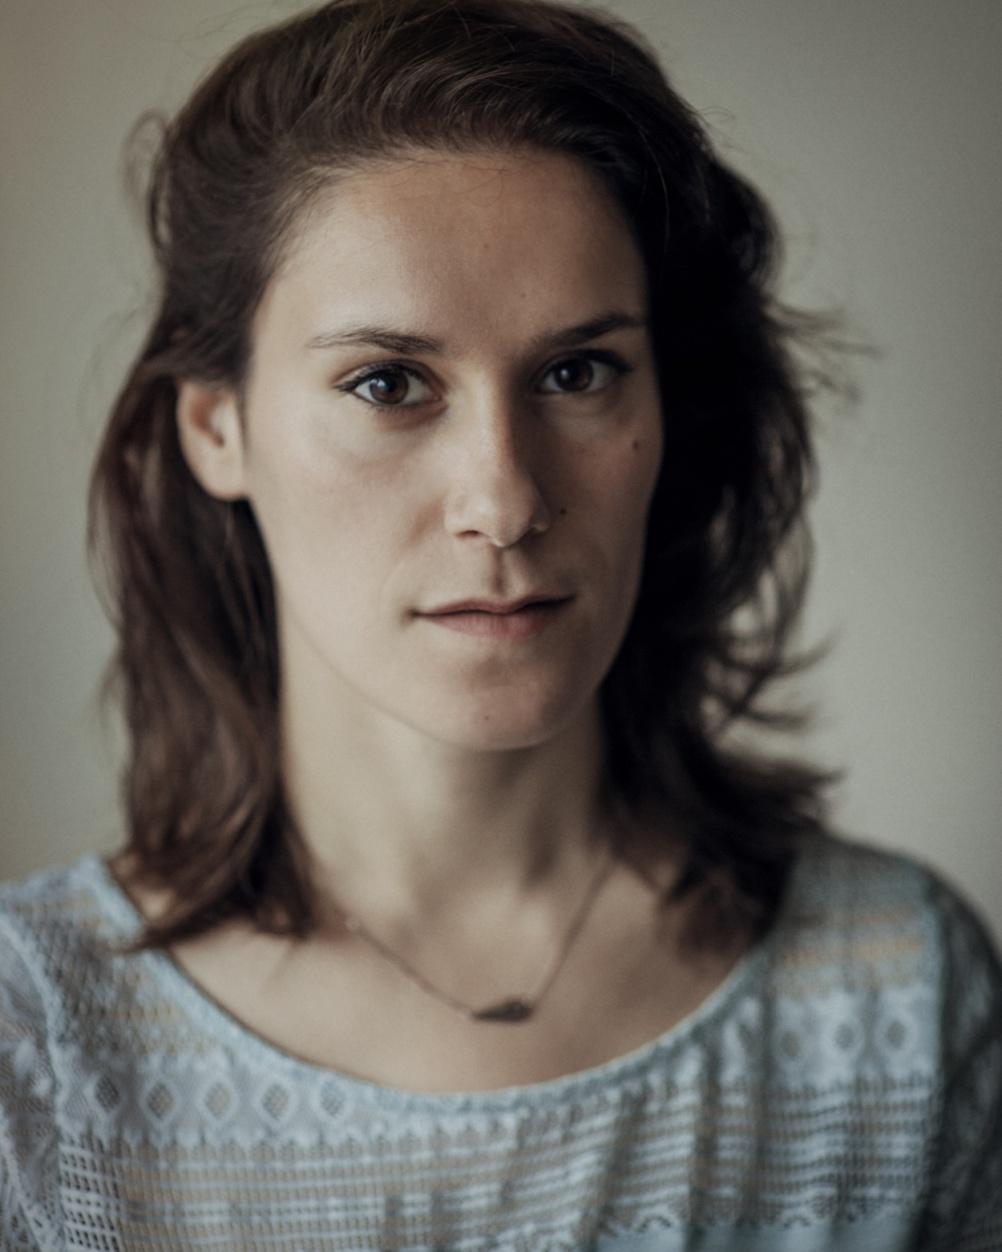 Teresa van Dongen, founder, Studio Teresa van Dongen